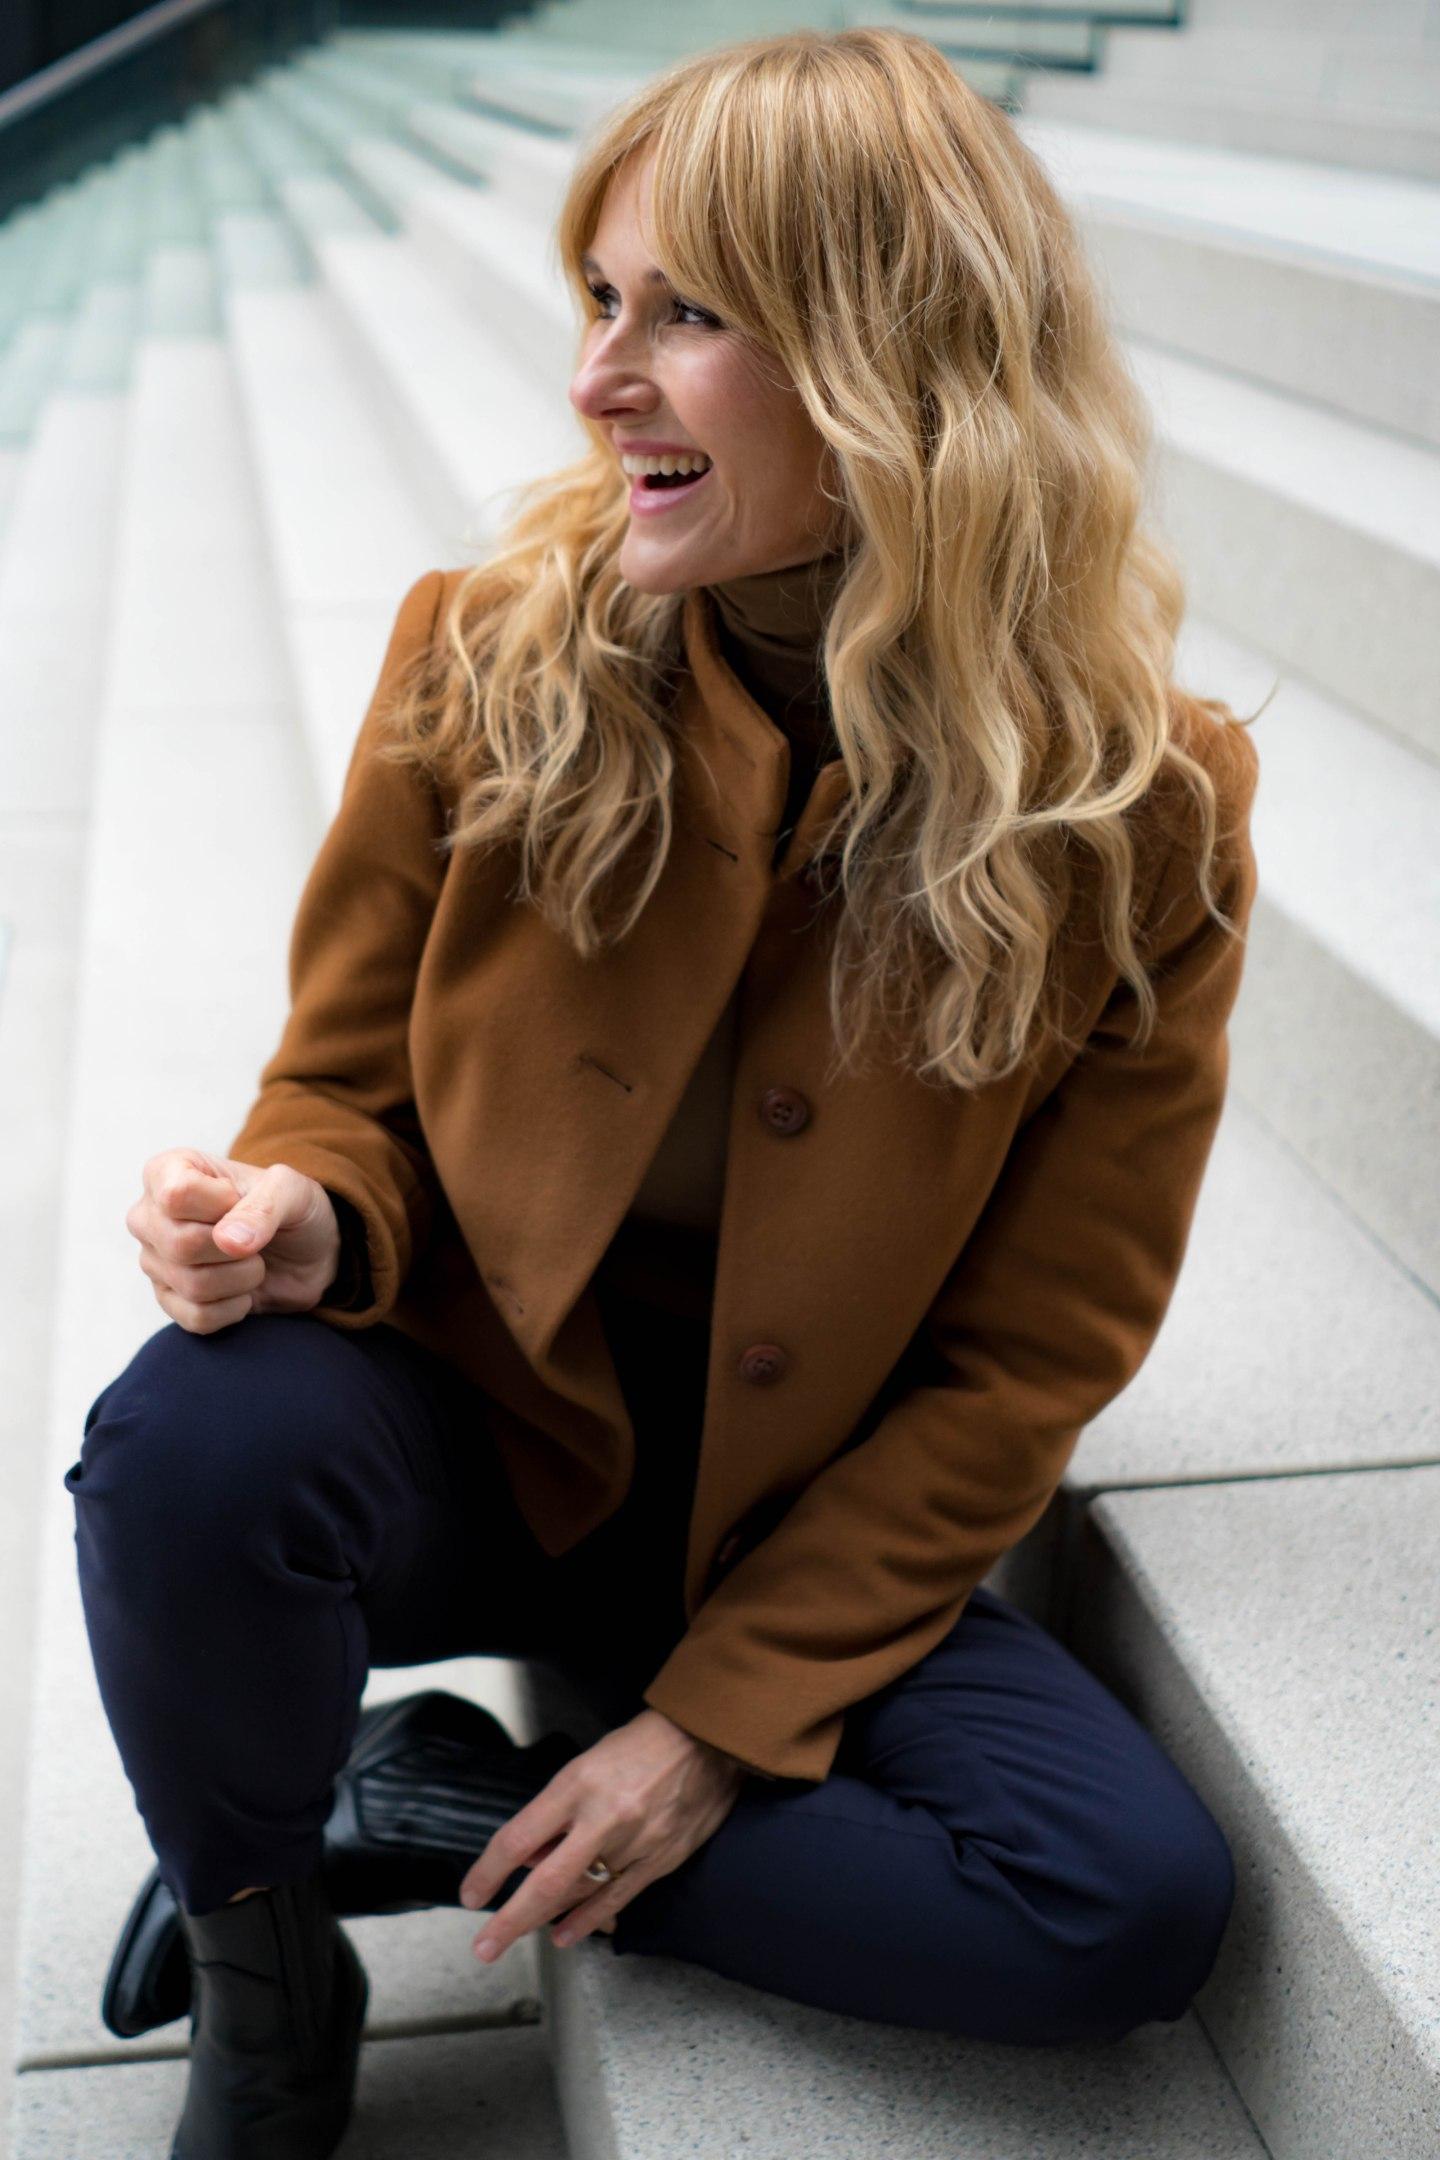 Jacke von Uta Raasch - Nowshine Modeblog ü40 - moderner Herbstlook 2019 in Cognac und Marineblau - Cowboy Stiefel